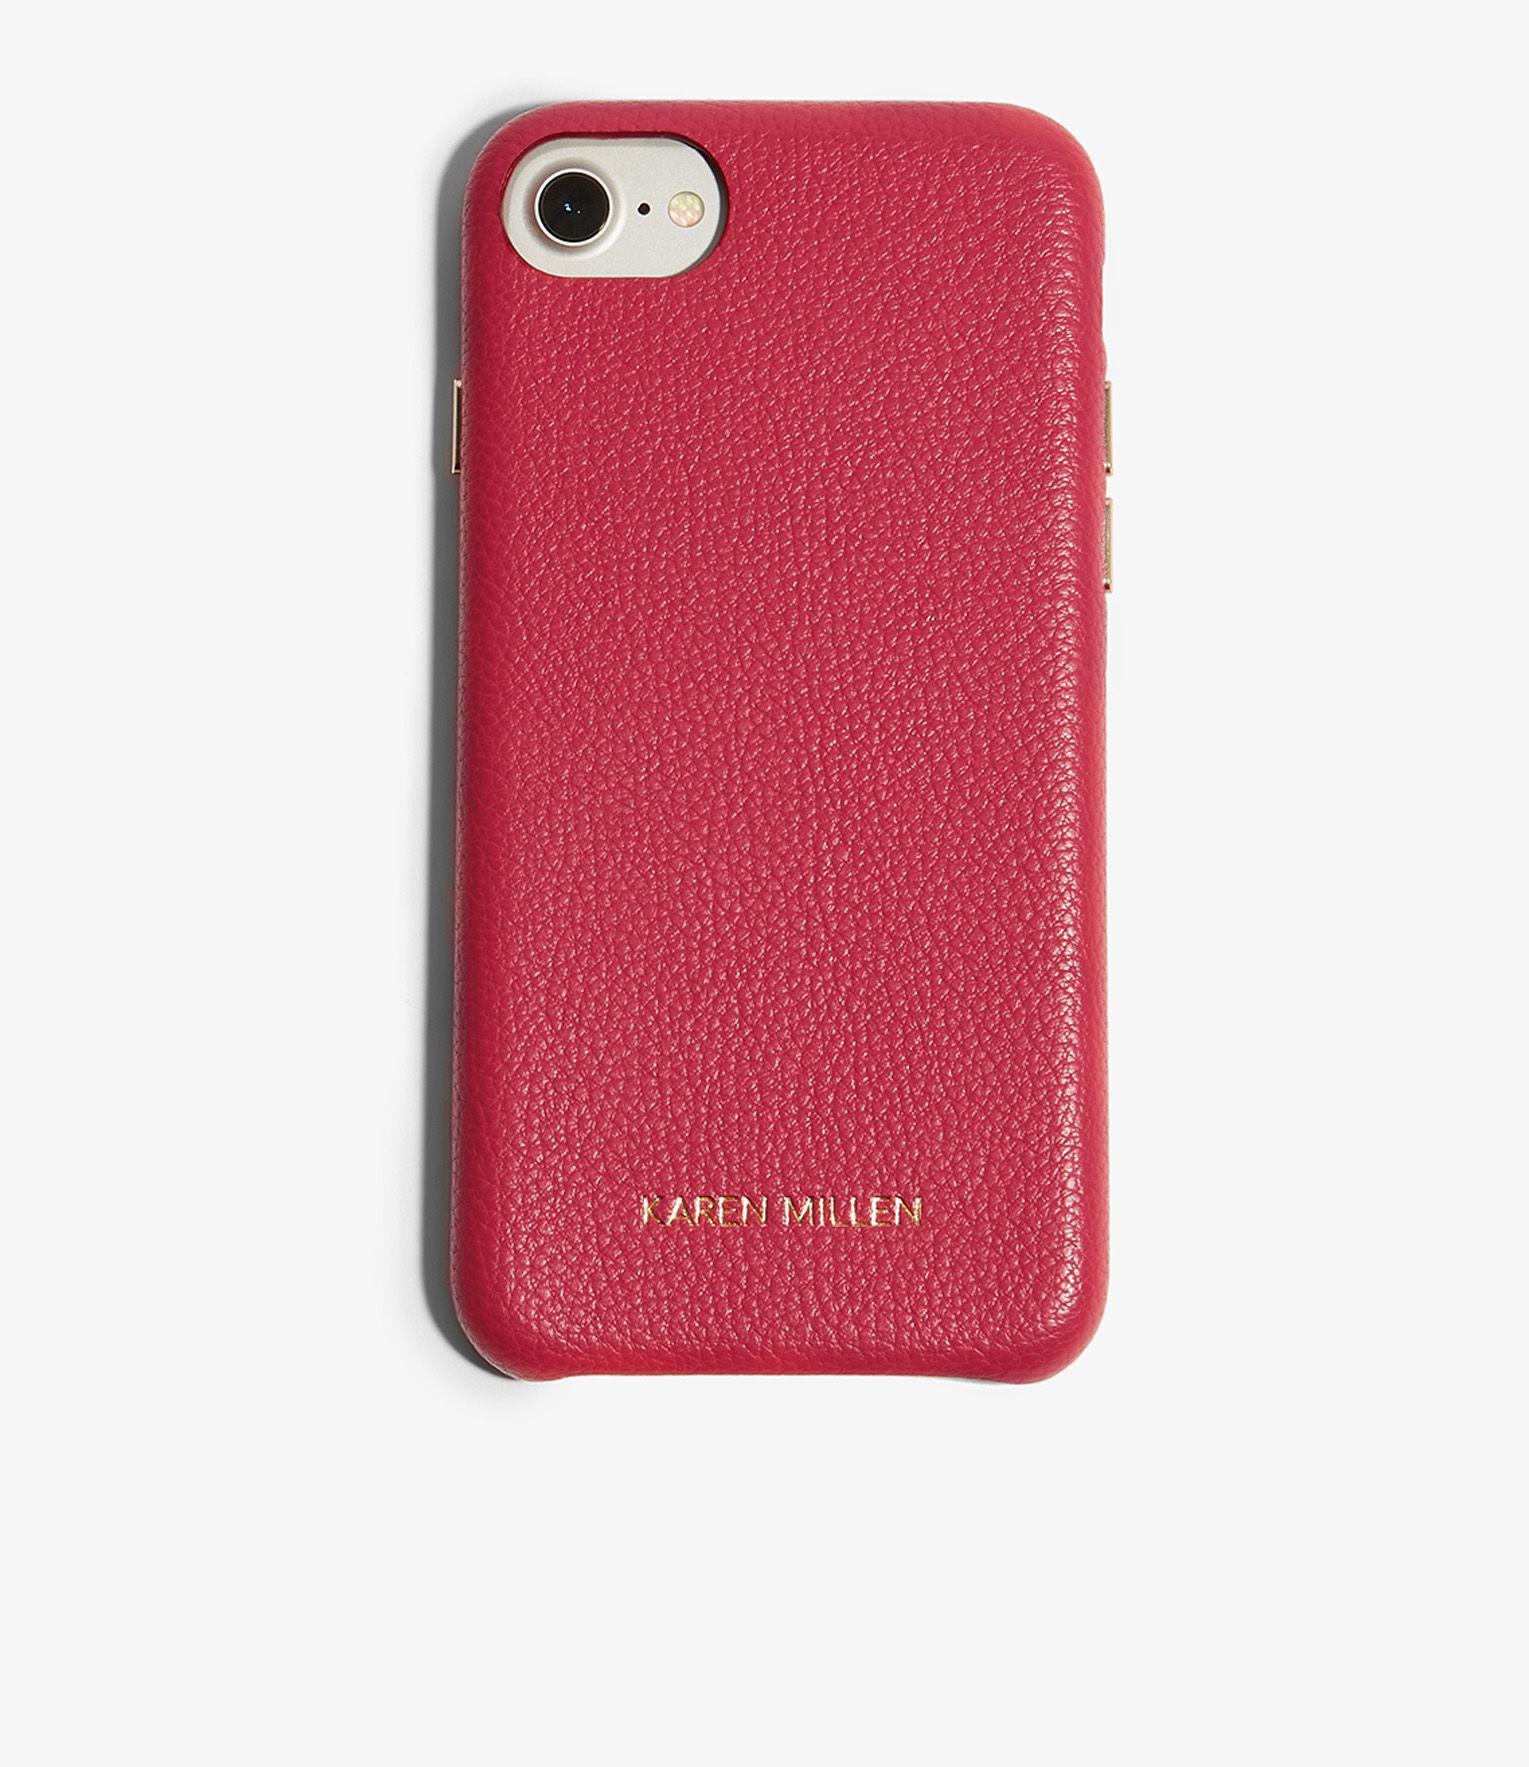 9a54b326c3bd Karen Millen Leather Phone Case in Pink - Lyst